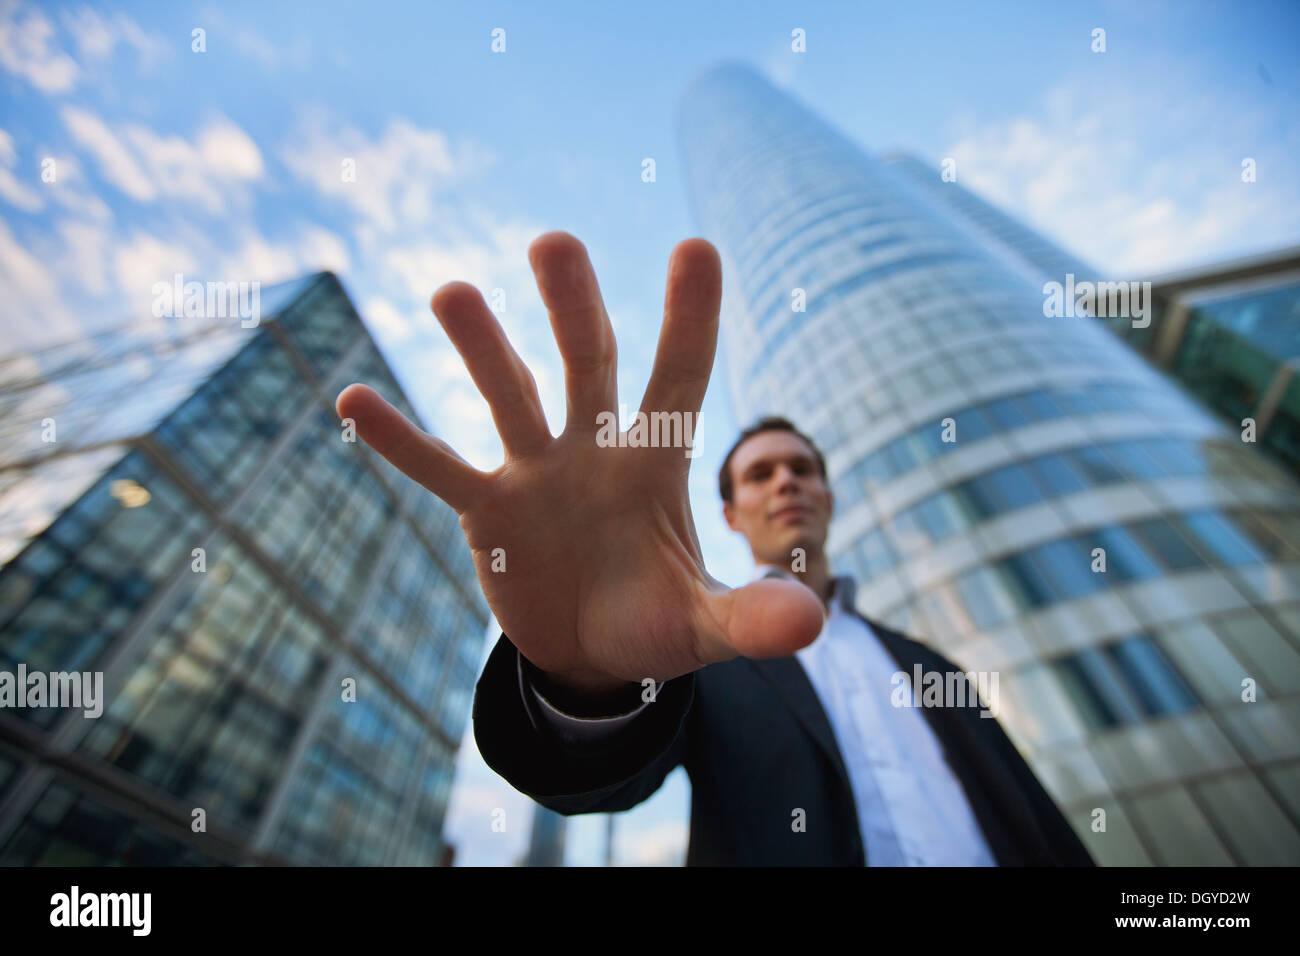 Bedrohung im Geschäft, Geld zu stehlen Stockbild